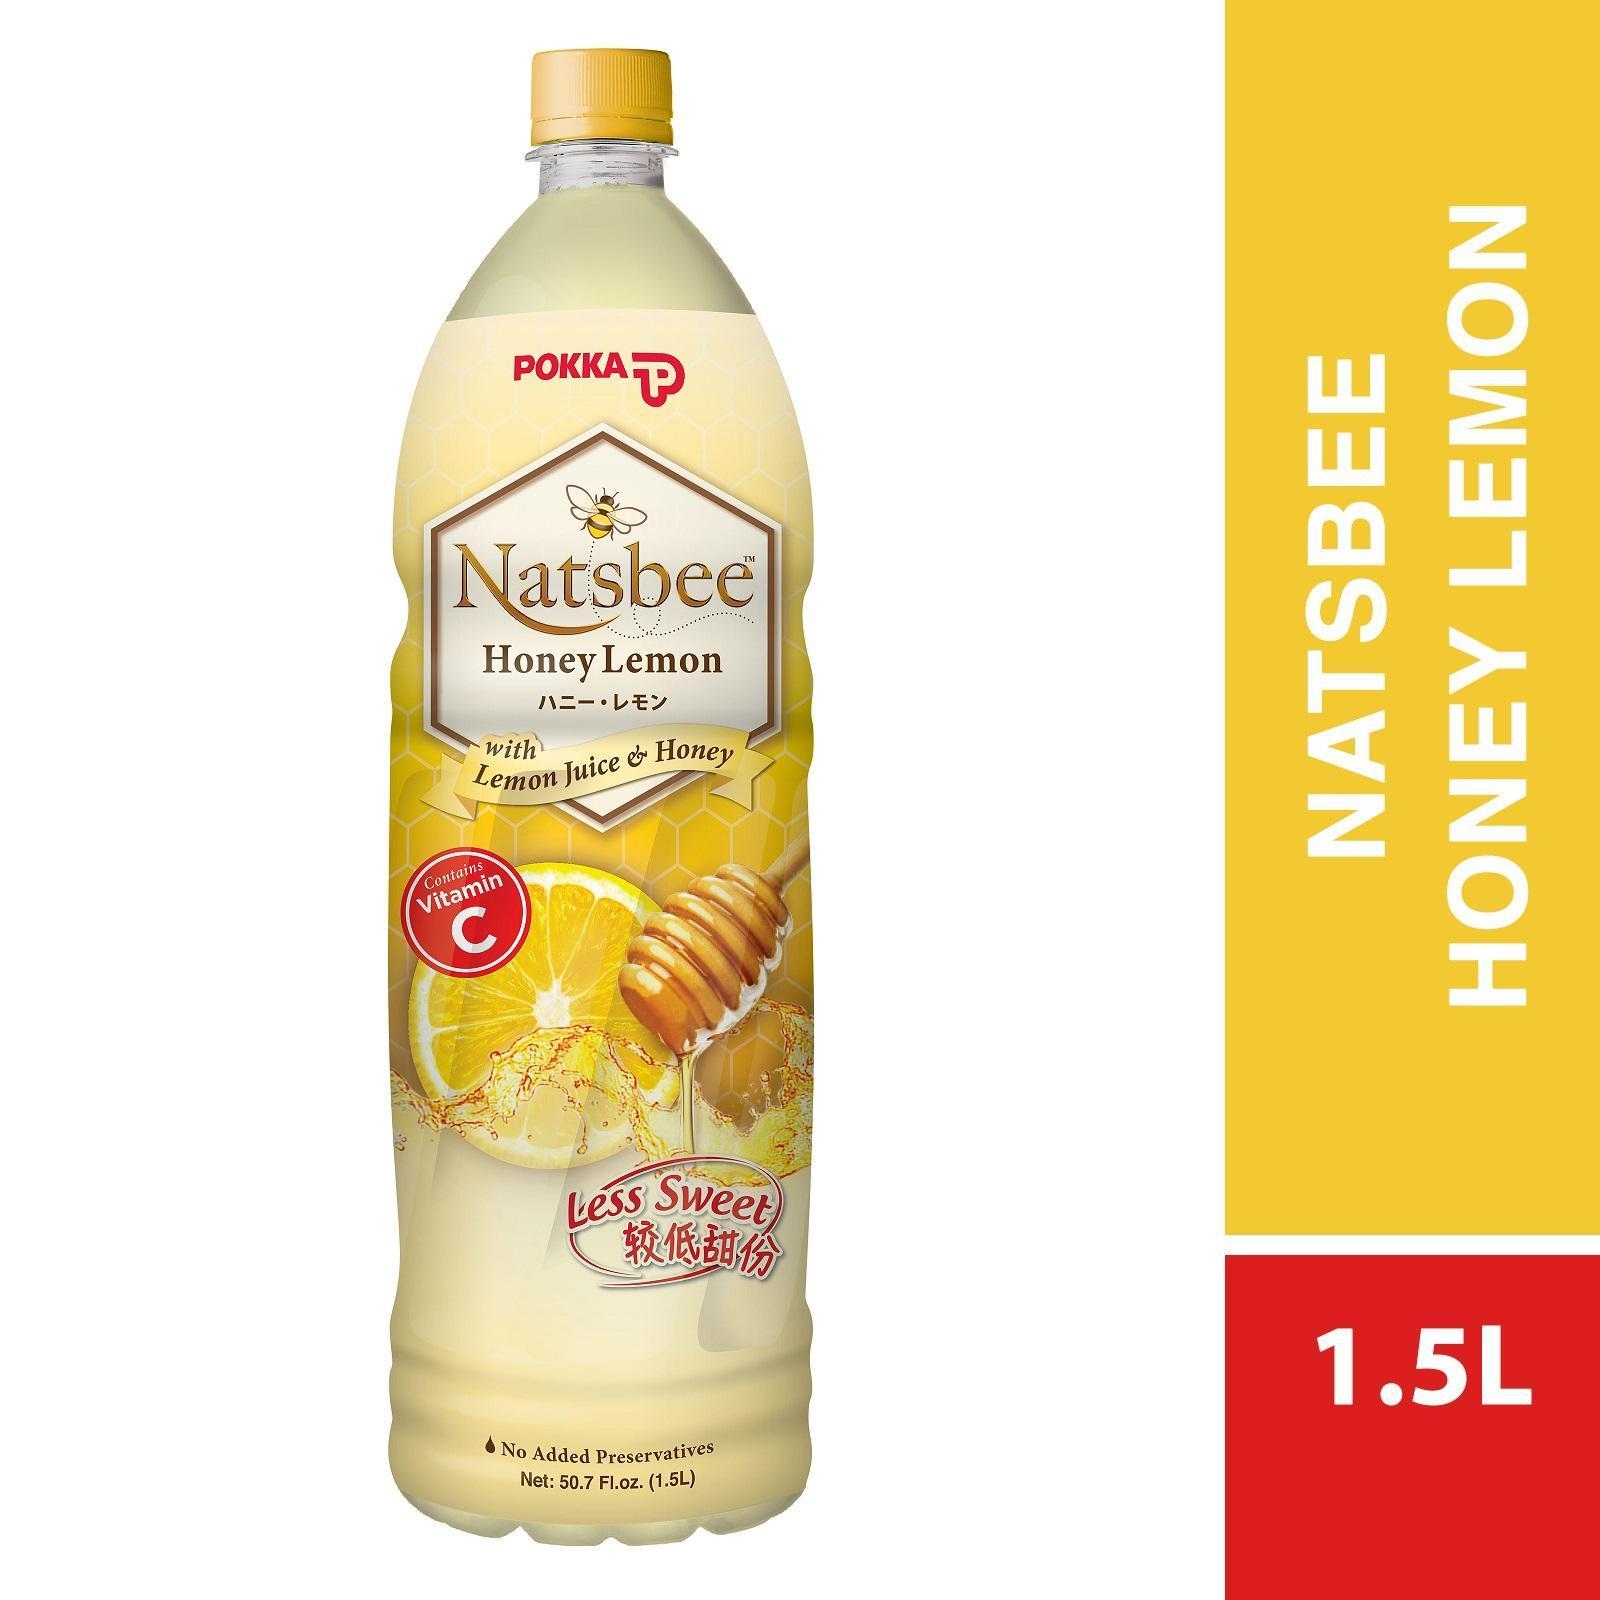 Pokka Natsbee Honey Lemon (Less Sugar)